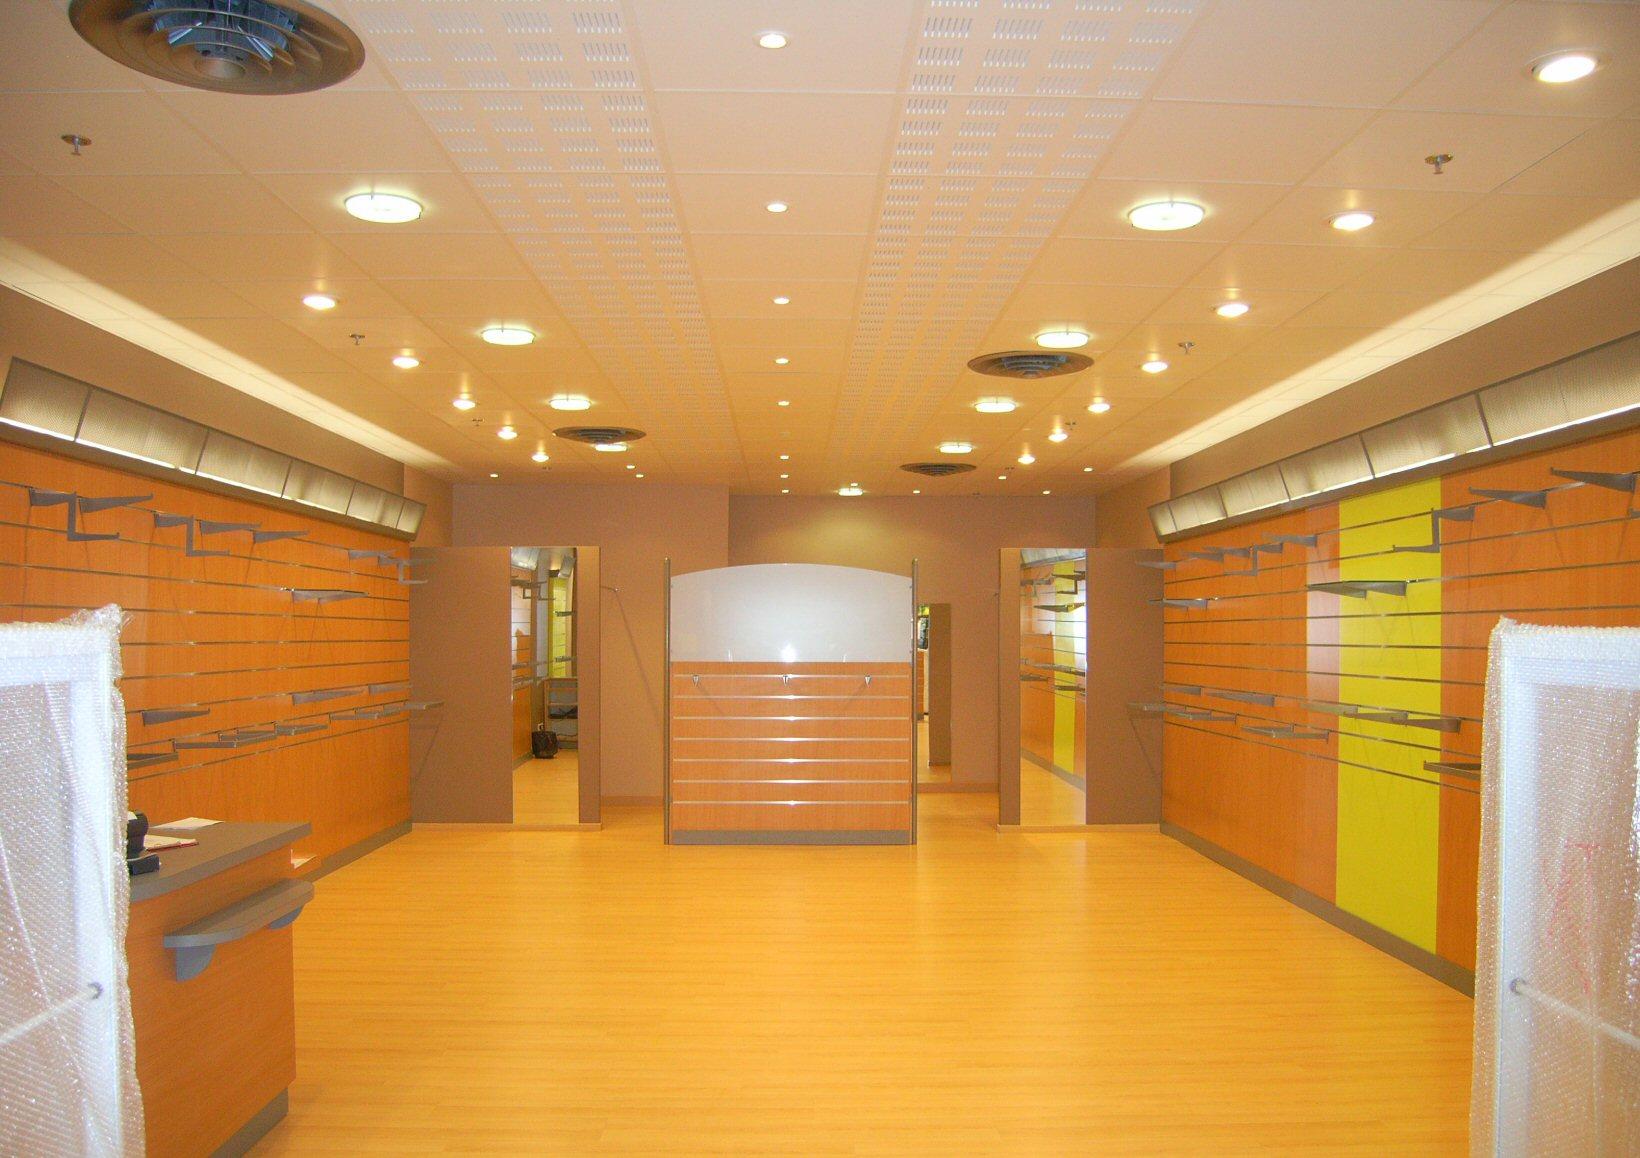 Aménagement et décoration d'un magasin à Pau (64) - Architecte Jean-Marc Ritondo